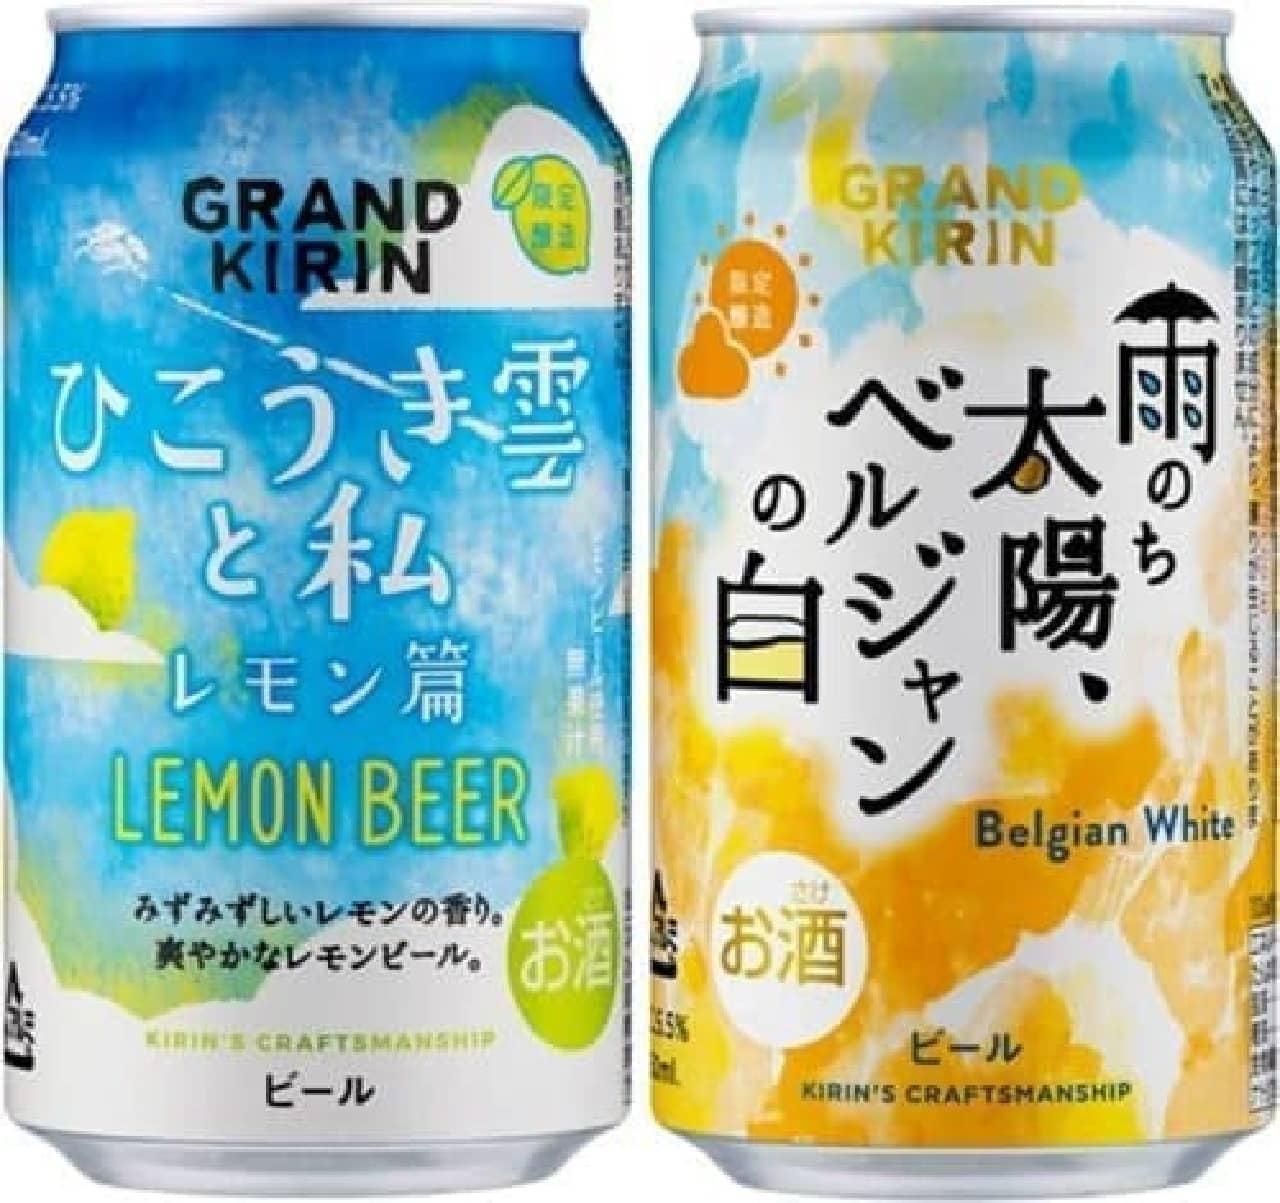 キリンビール「グランドキリン ひこうき雲と私 レモン篇」「グランドキリン 雨のち太陽、ベルジャンの白」